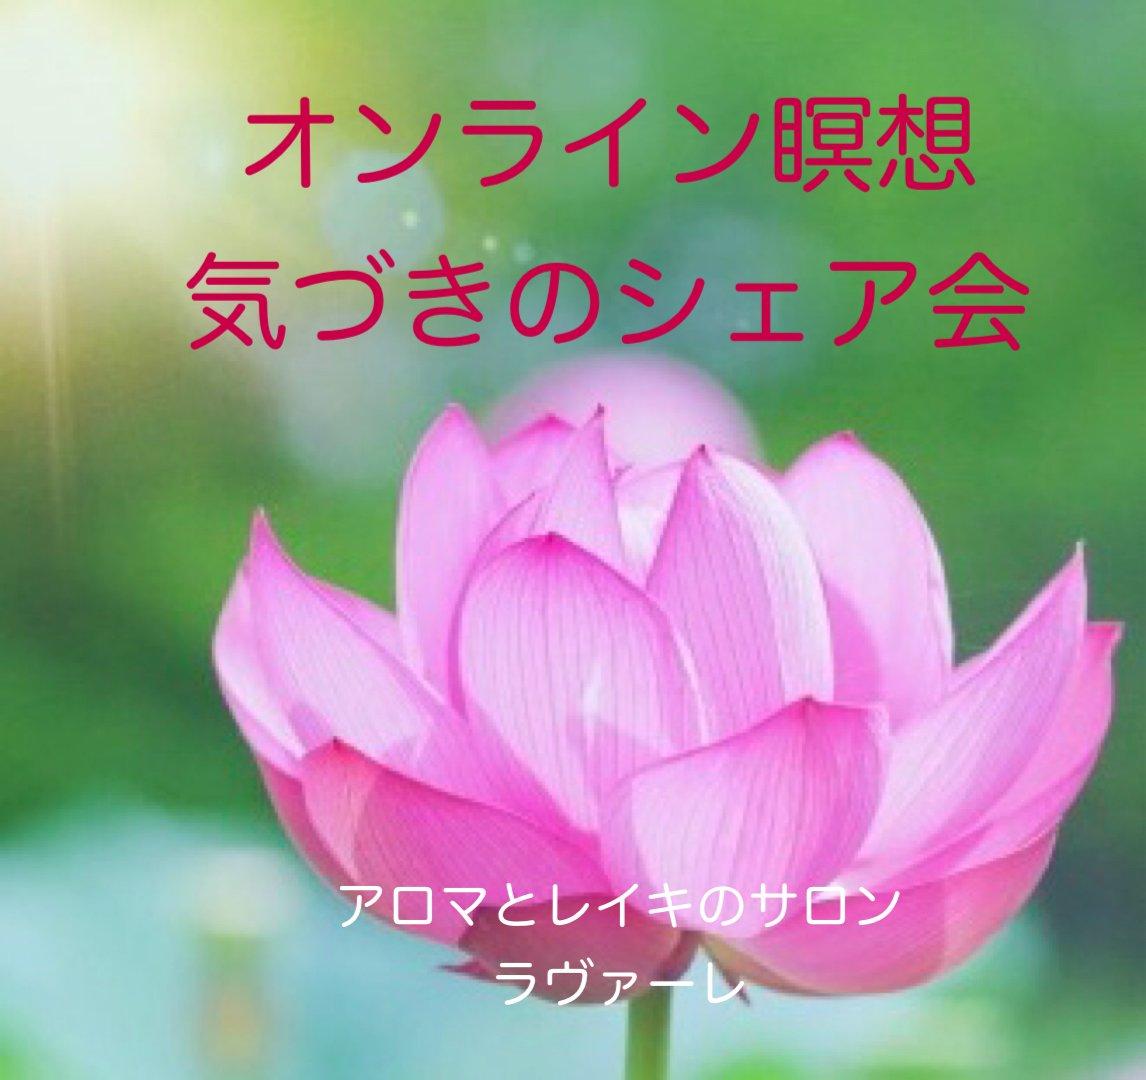 4月オンライン瞑想☆気づきシェア会☆参加チケットのイメージその1